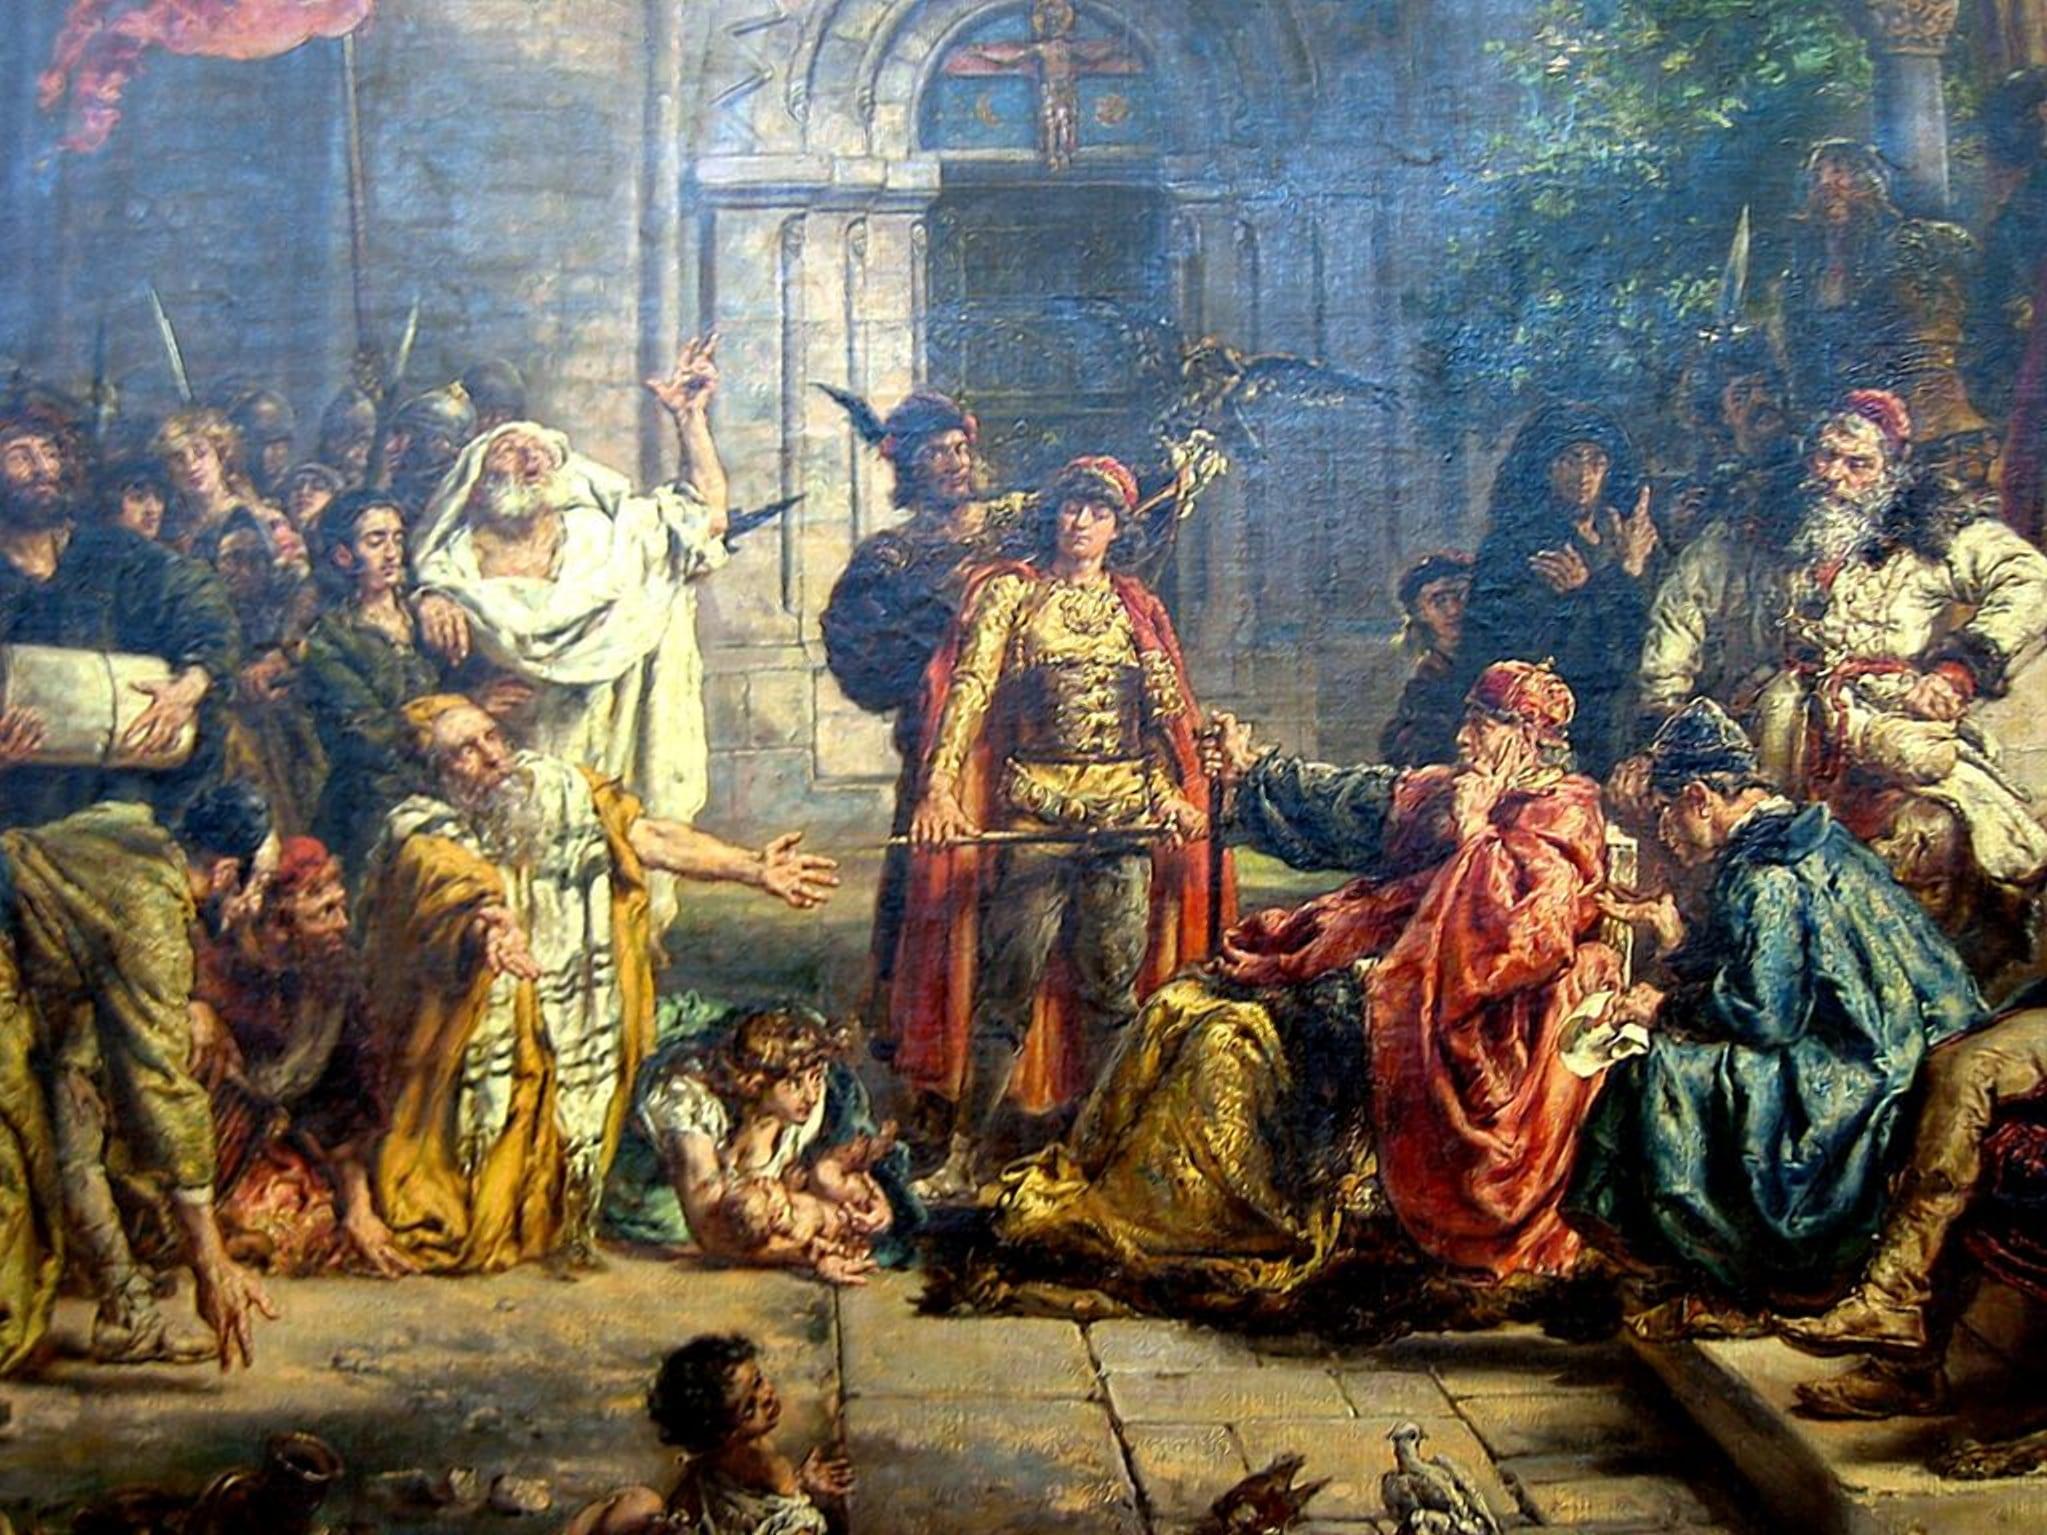 Король даёт привилегии еврейским торговцам и ремесленникам